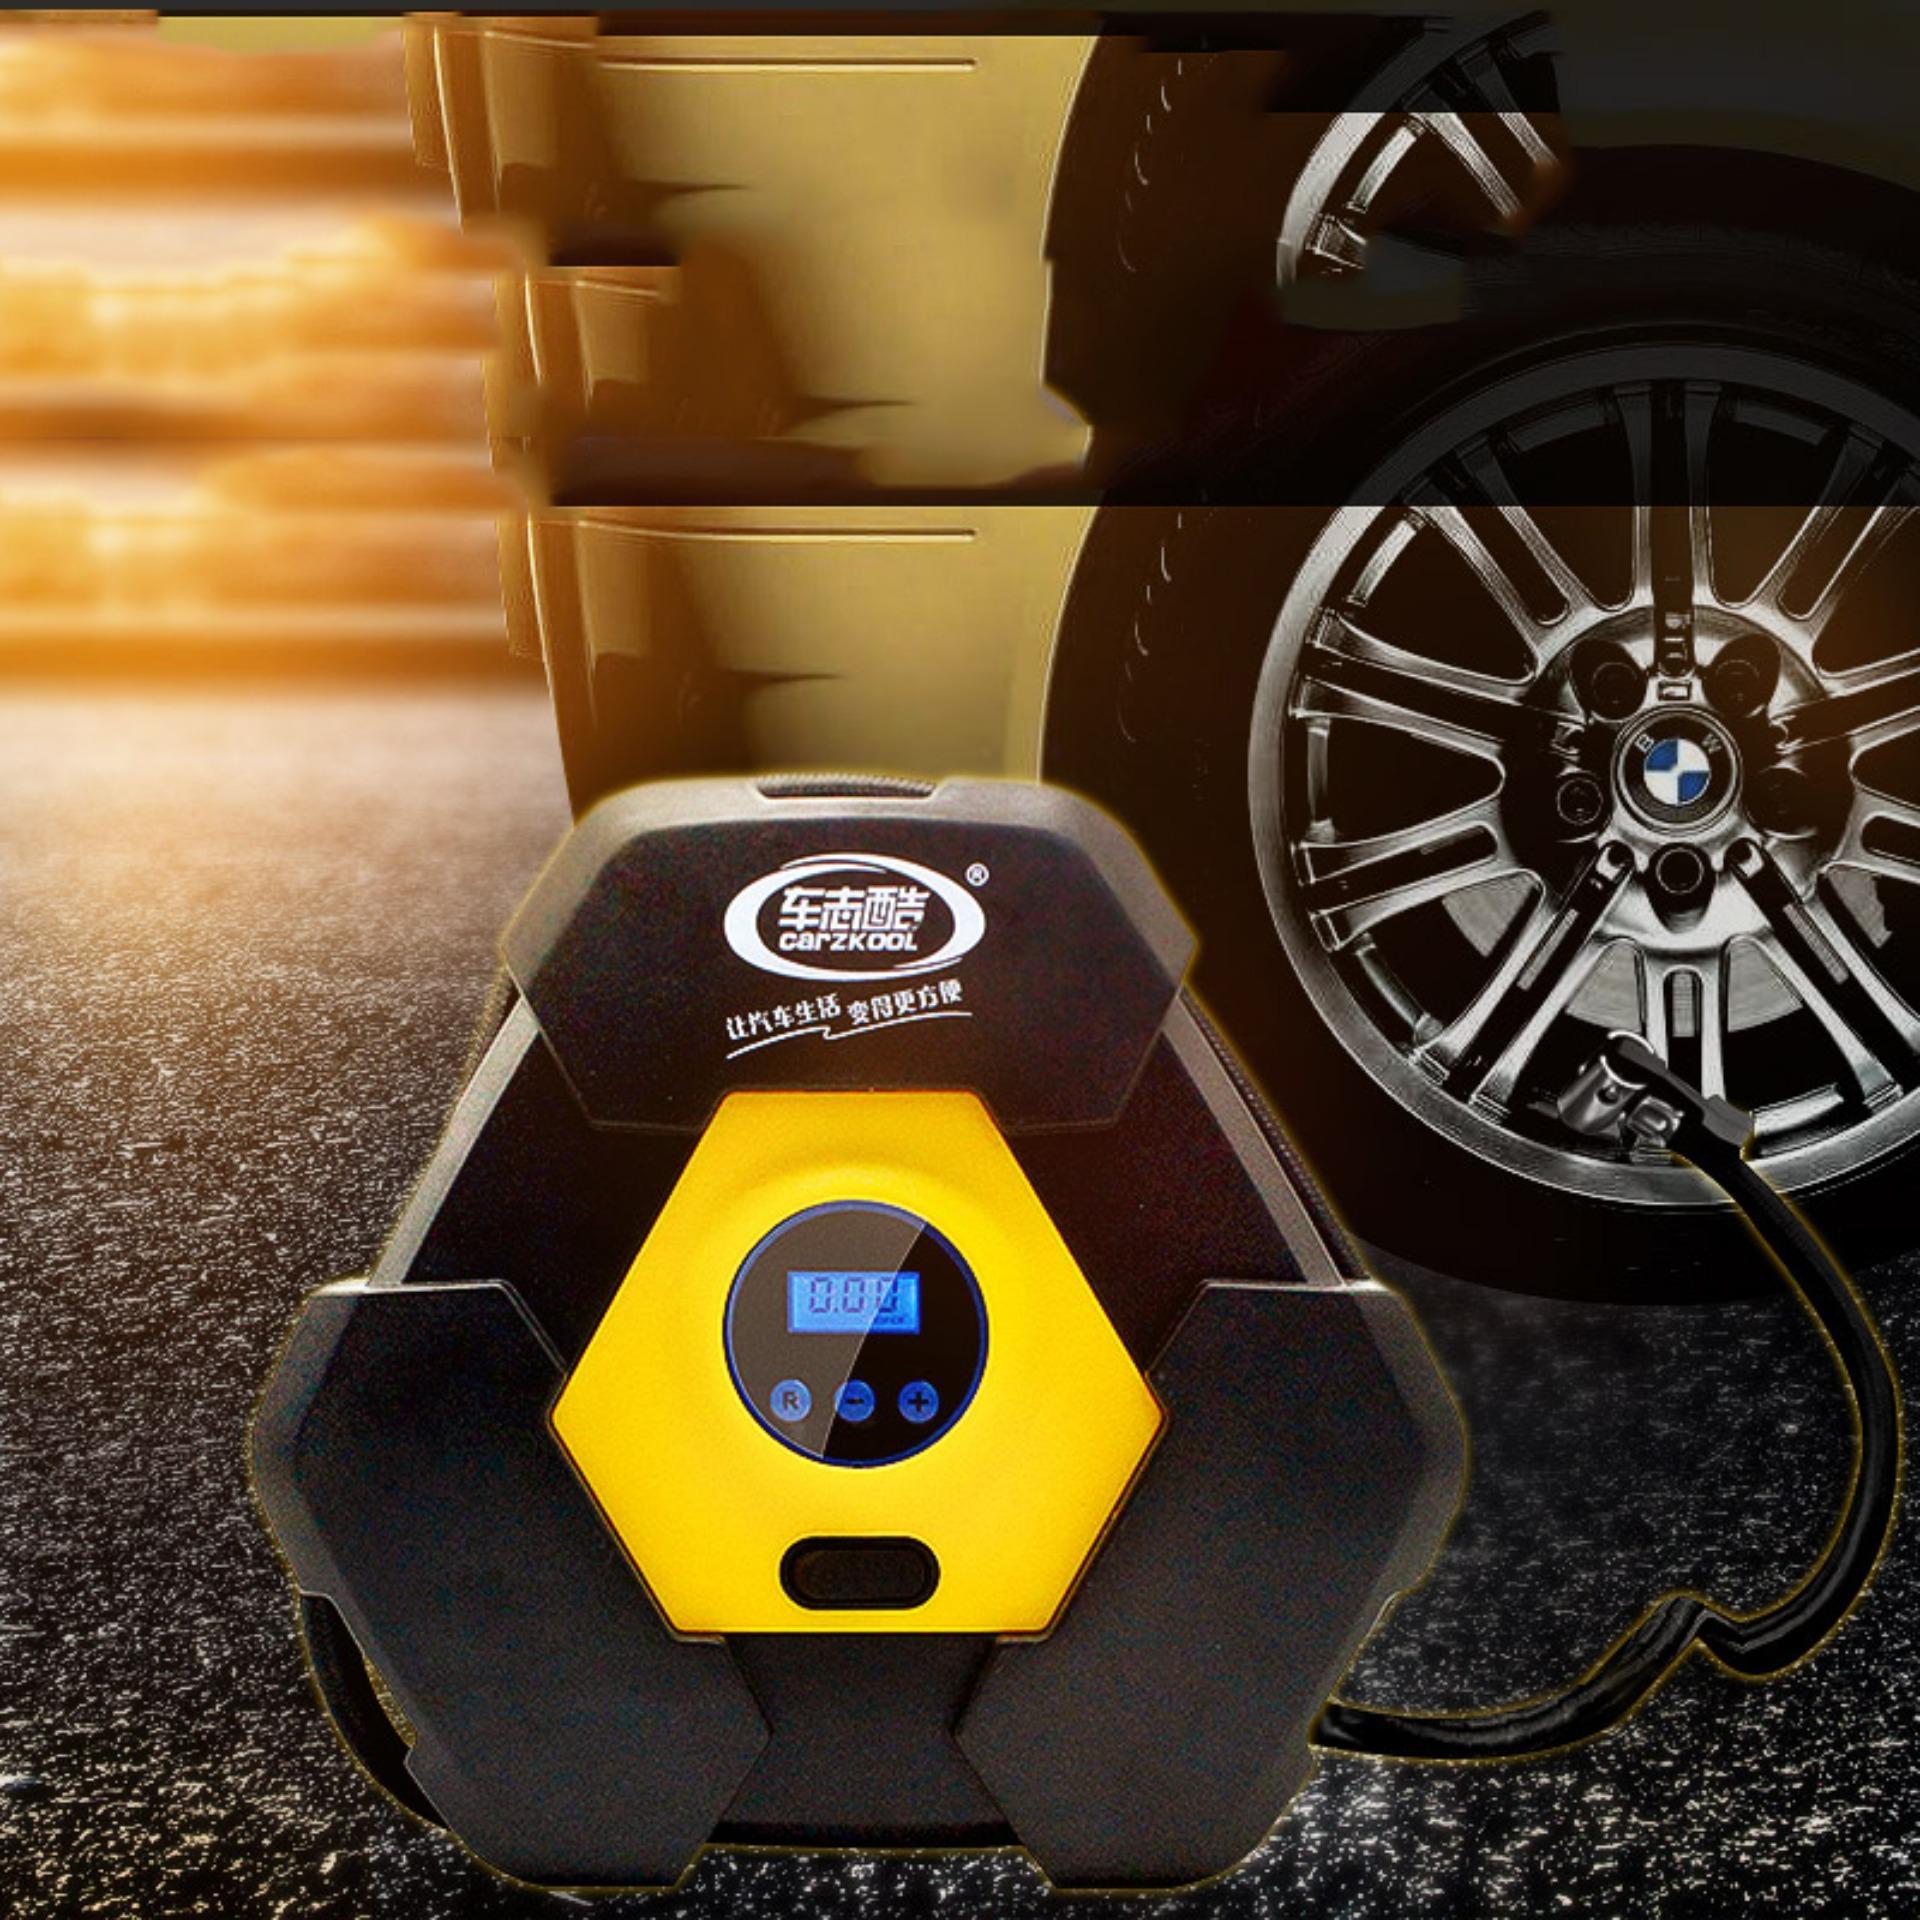 Hình ảnh Bơm xe máy mini gia re, Bơm lốp xe ô tô bao nhiêu kg, Máy bơm lốp ô tô, xe hơi, xe máy, xe đạp… CARZKOOL loại 12v có màn hình hiển thị LED Sản phẩm cao cấp dành cho mọi loại xe-Giảm giá số lượng có hạn